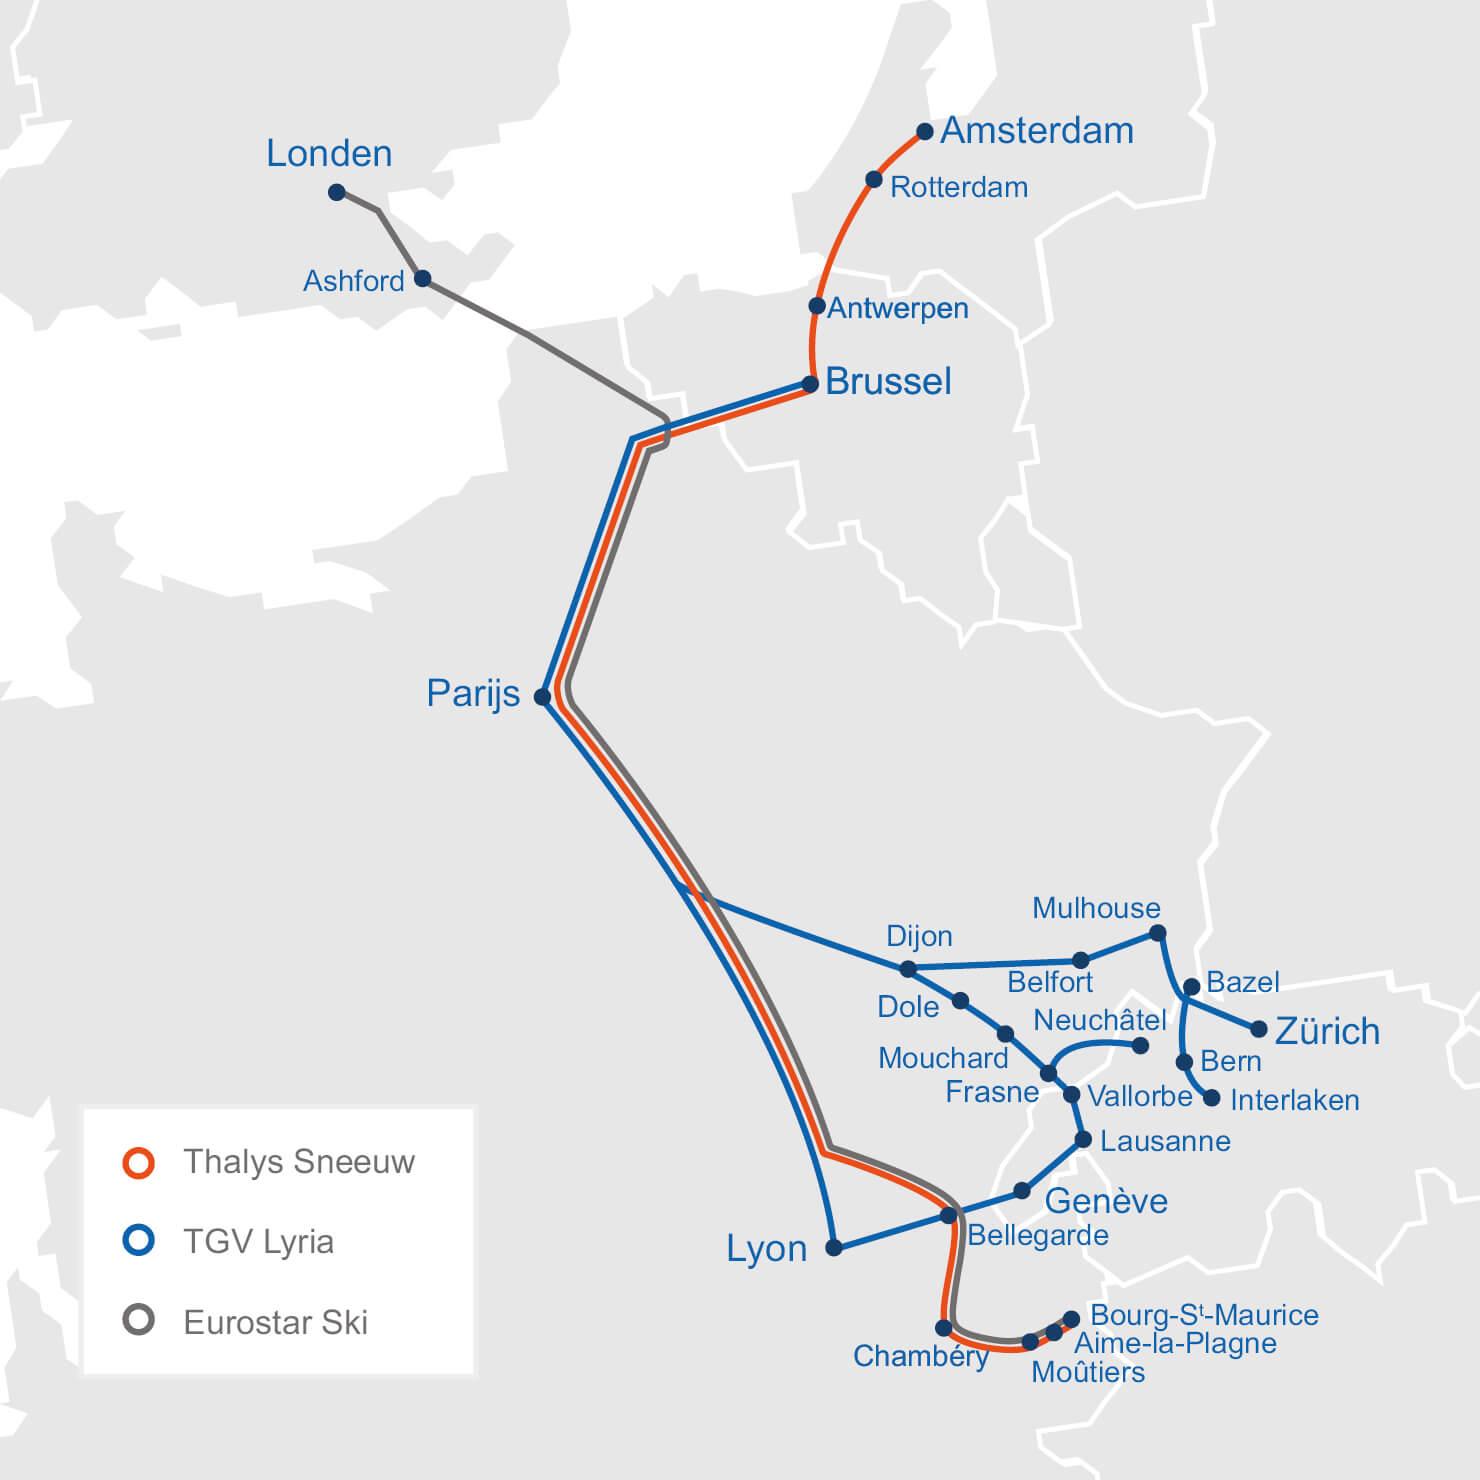 De bestemmingen van Thalys Sneeuw, Eurostar Ski en TGV Lyria